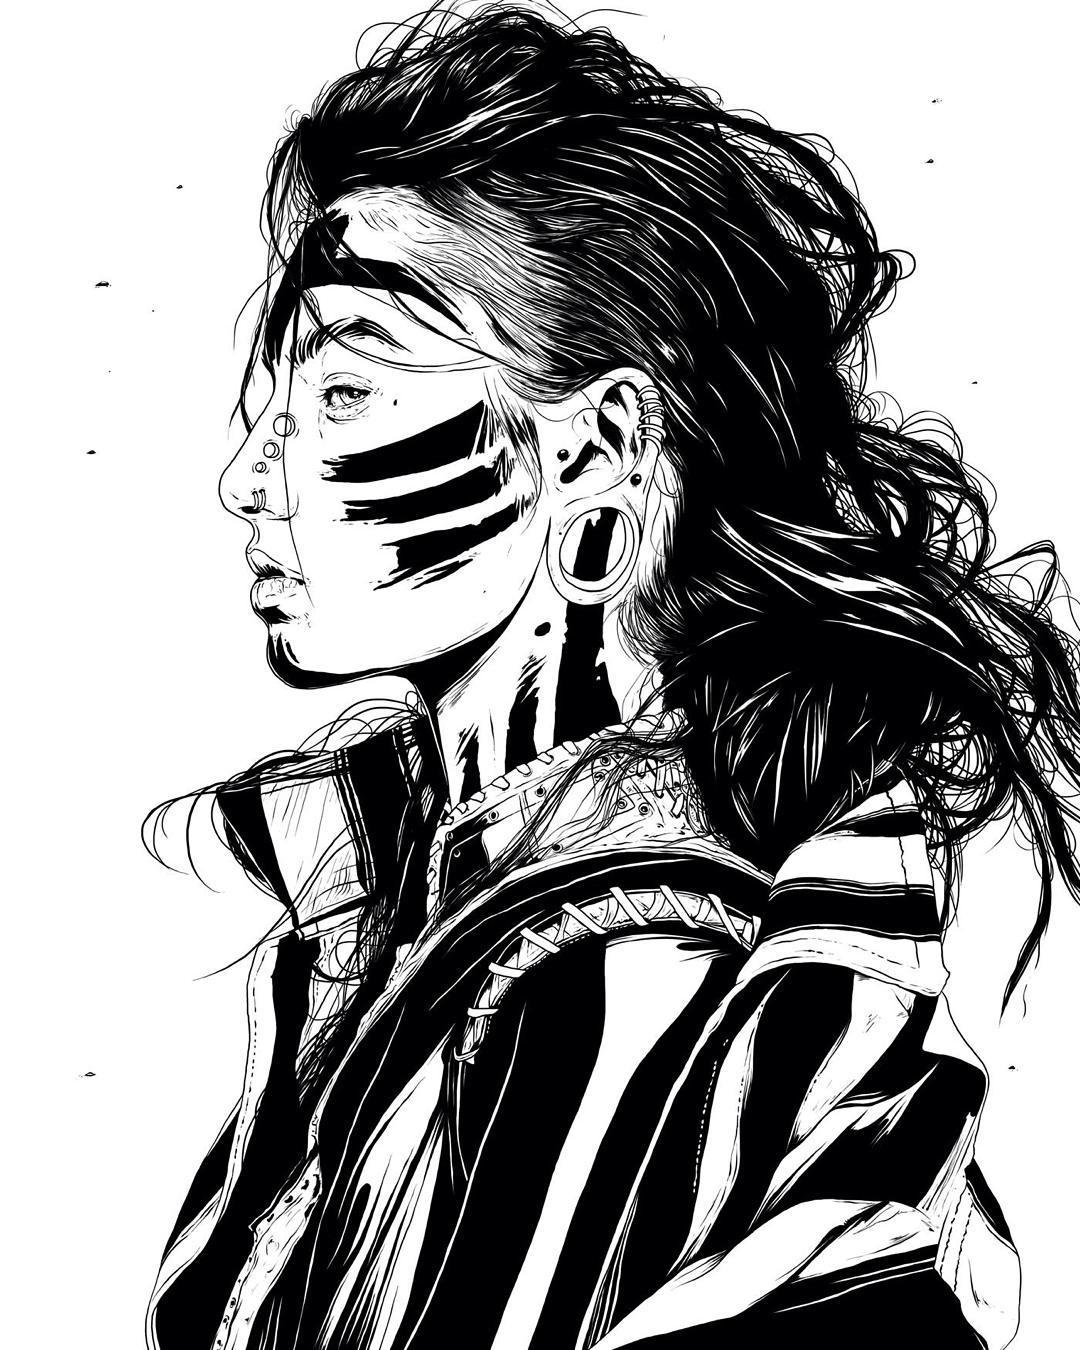 woman creative drawings by conrado salinas